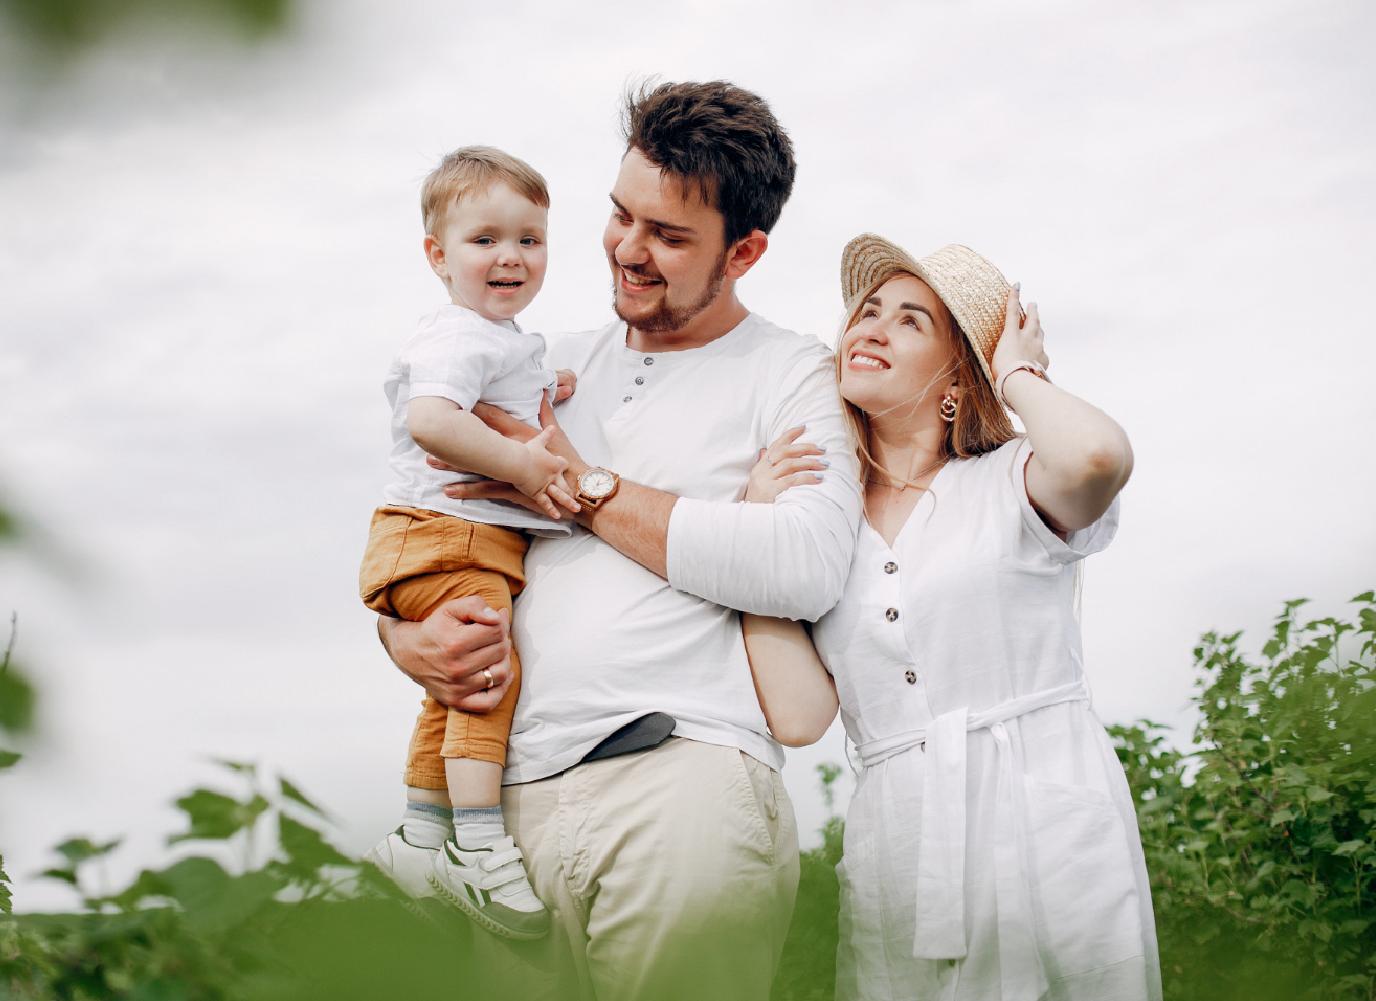 Bí quyết giao tiếp trong hôn nhân: Những điều chồng không biết nếu như mẹ không nói